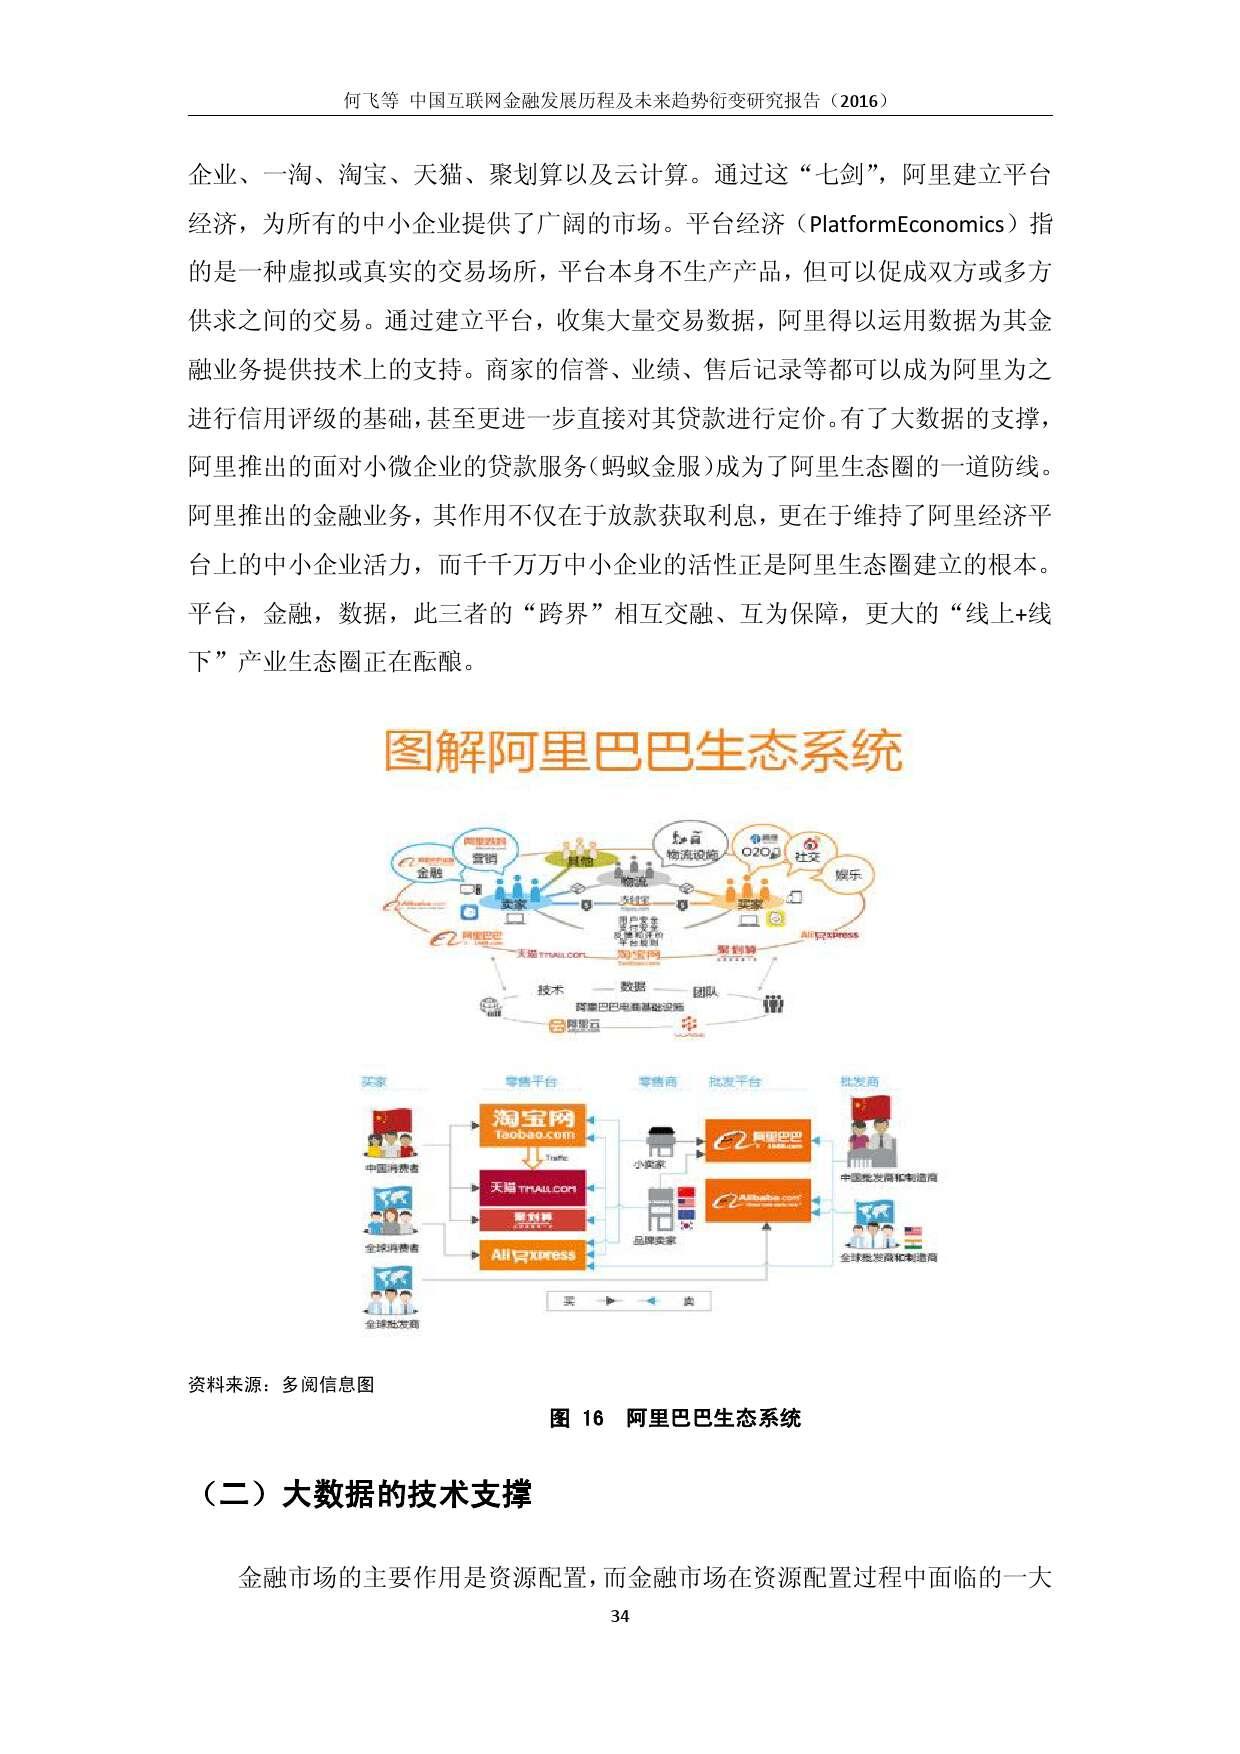 中国互联网金融发展历程及未来趋势衍变研究报告(2016)_000039